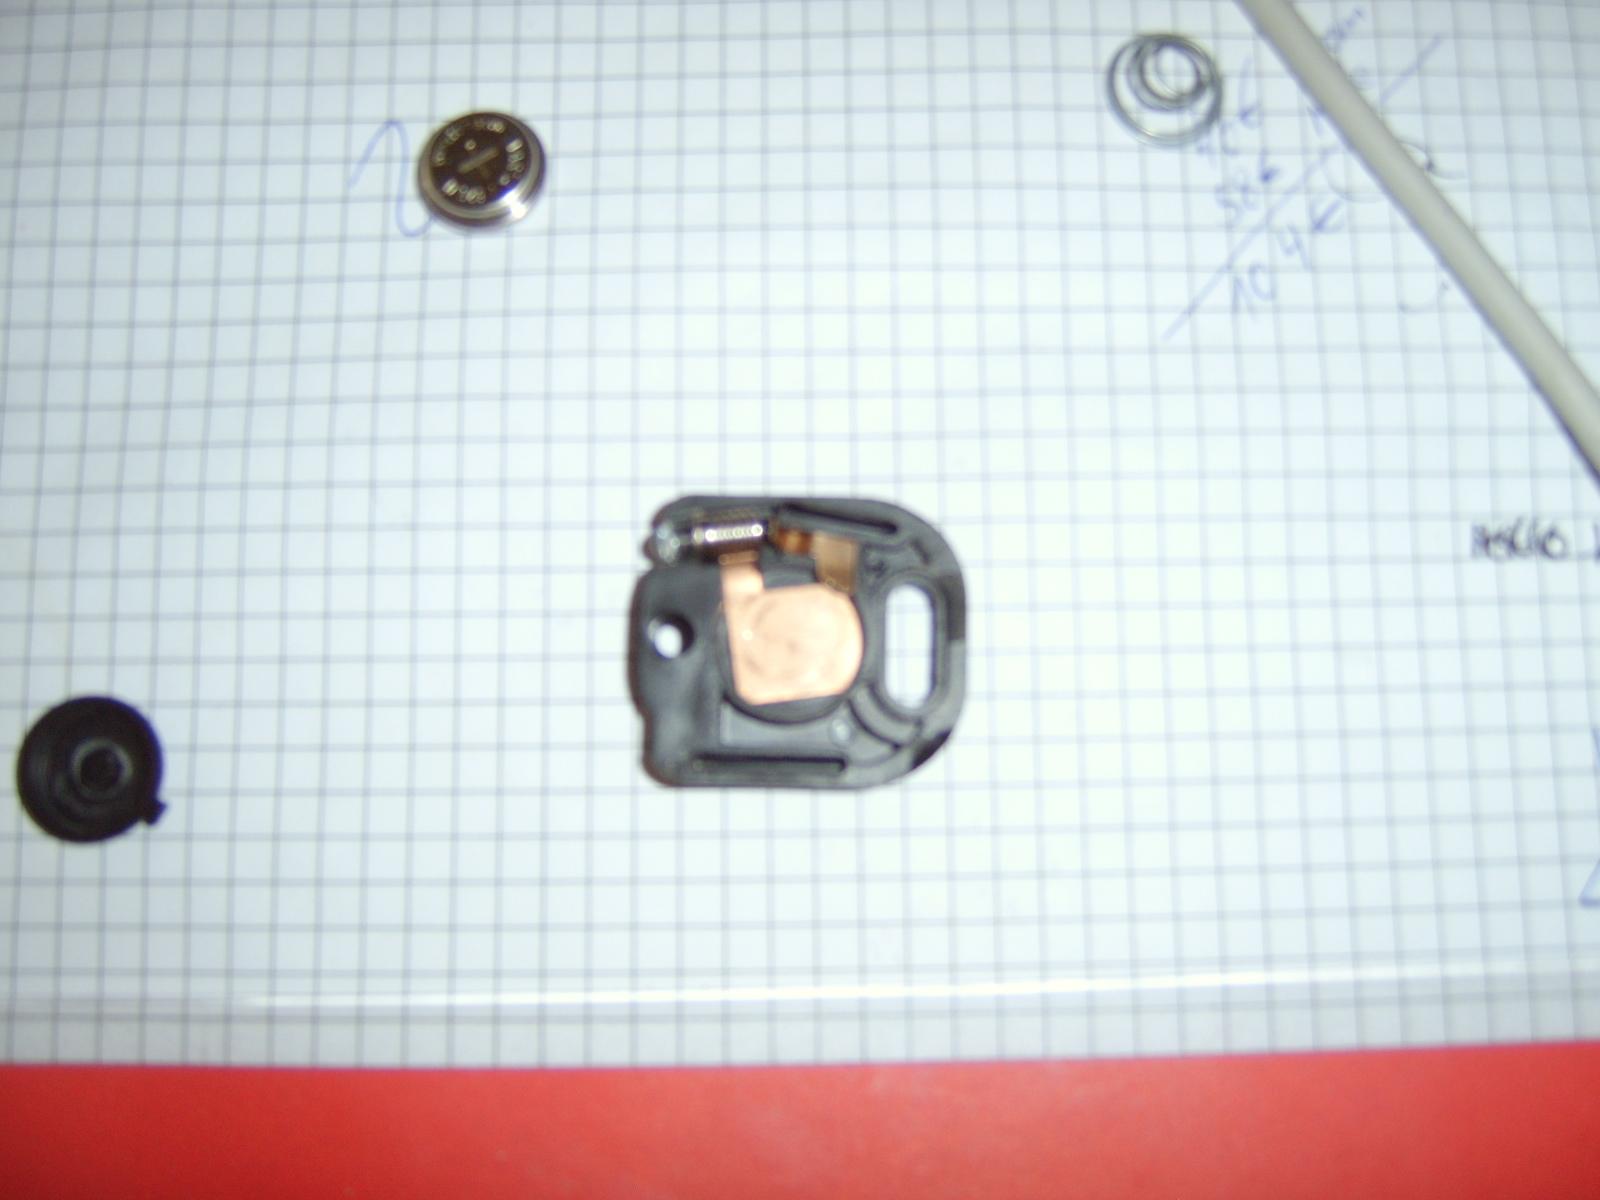 batteriewechsel beleuchteter schlüsselkopf - ausstattung - e30-talk